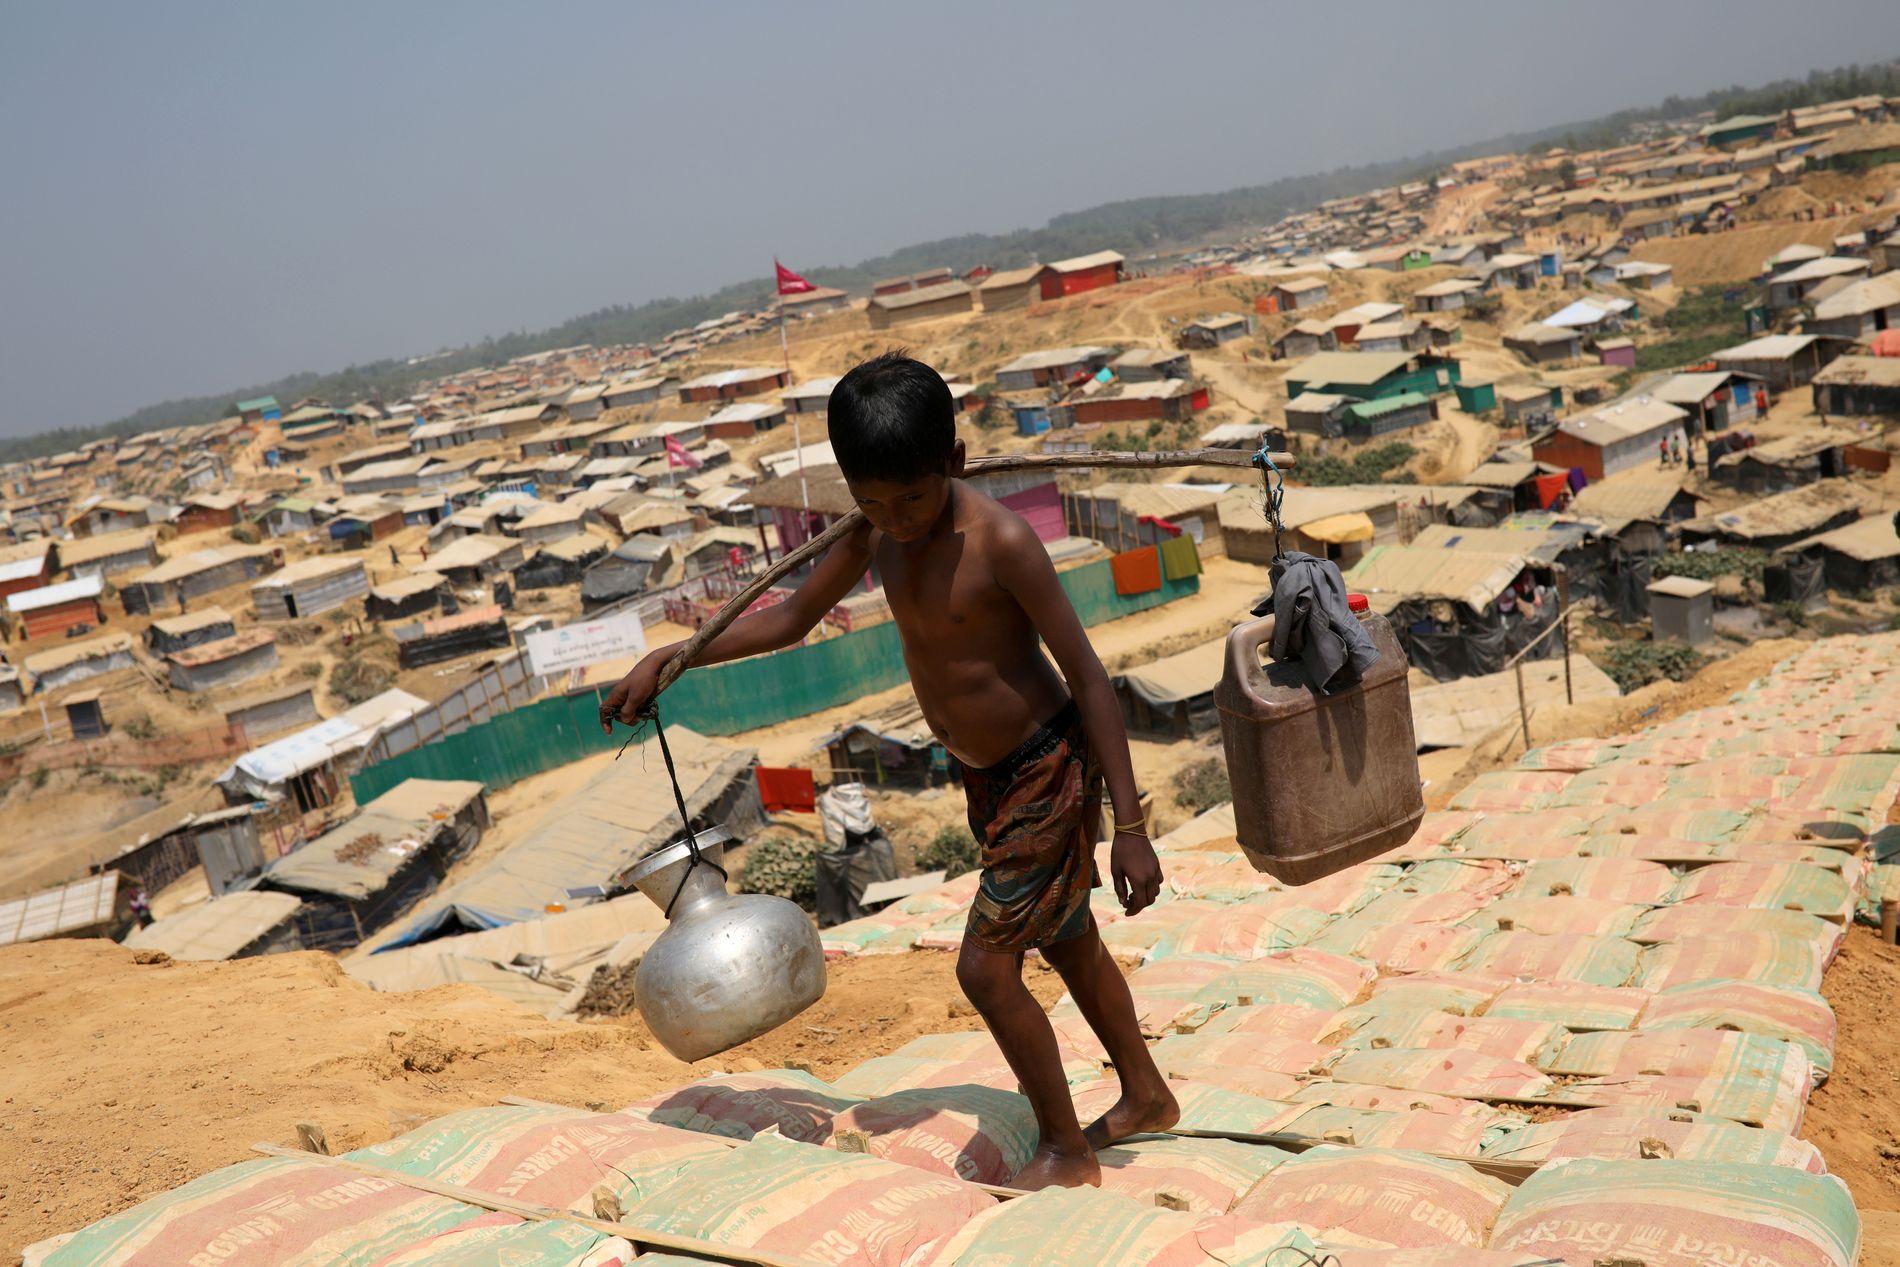 FLYKTNINGER: Blant mange hundre tusen mennesker i verdens største flyktningleir, bor familiene til de ti mennene. Bangladesh har begynt å returnere flyktningene til Myanmar. Det vanskelig å stole på at det er trygt i hjemlandet.